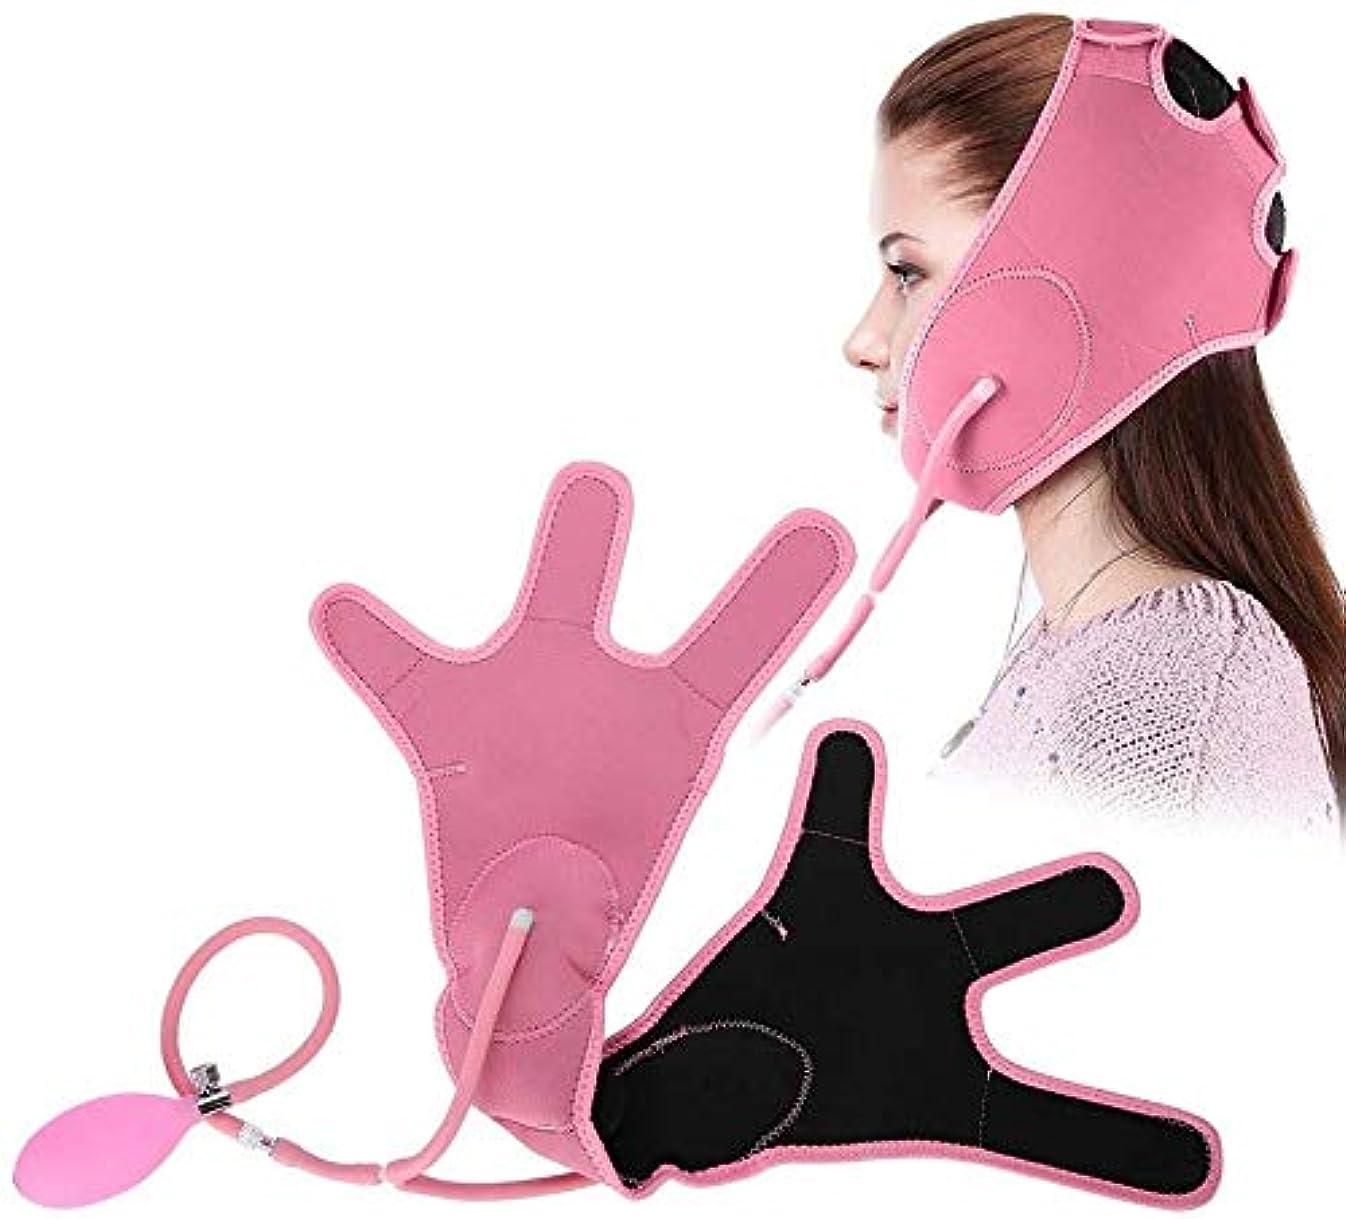 非難簡略化する入学するHEMFV フェイススリミングマスク、ベルトを持ち上げるインフレータブル顔、エアバッグ?フェイシャル包帯ナチュラルVフェイスチークチンは、タイトなバンドを持ち上げ、フェイスリフトシェイパービューティーケアツールマスク